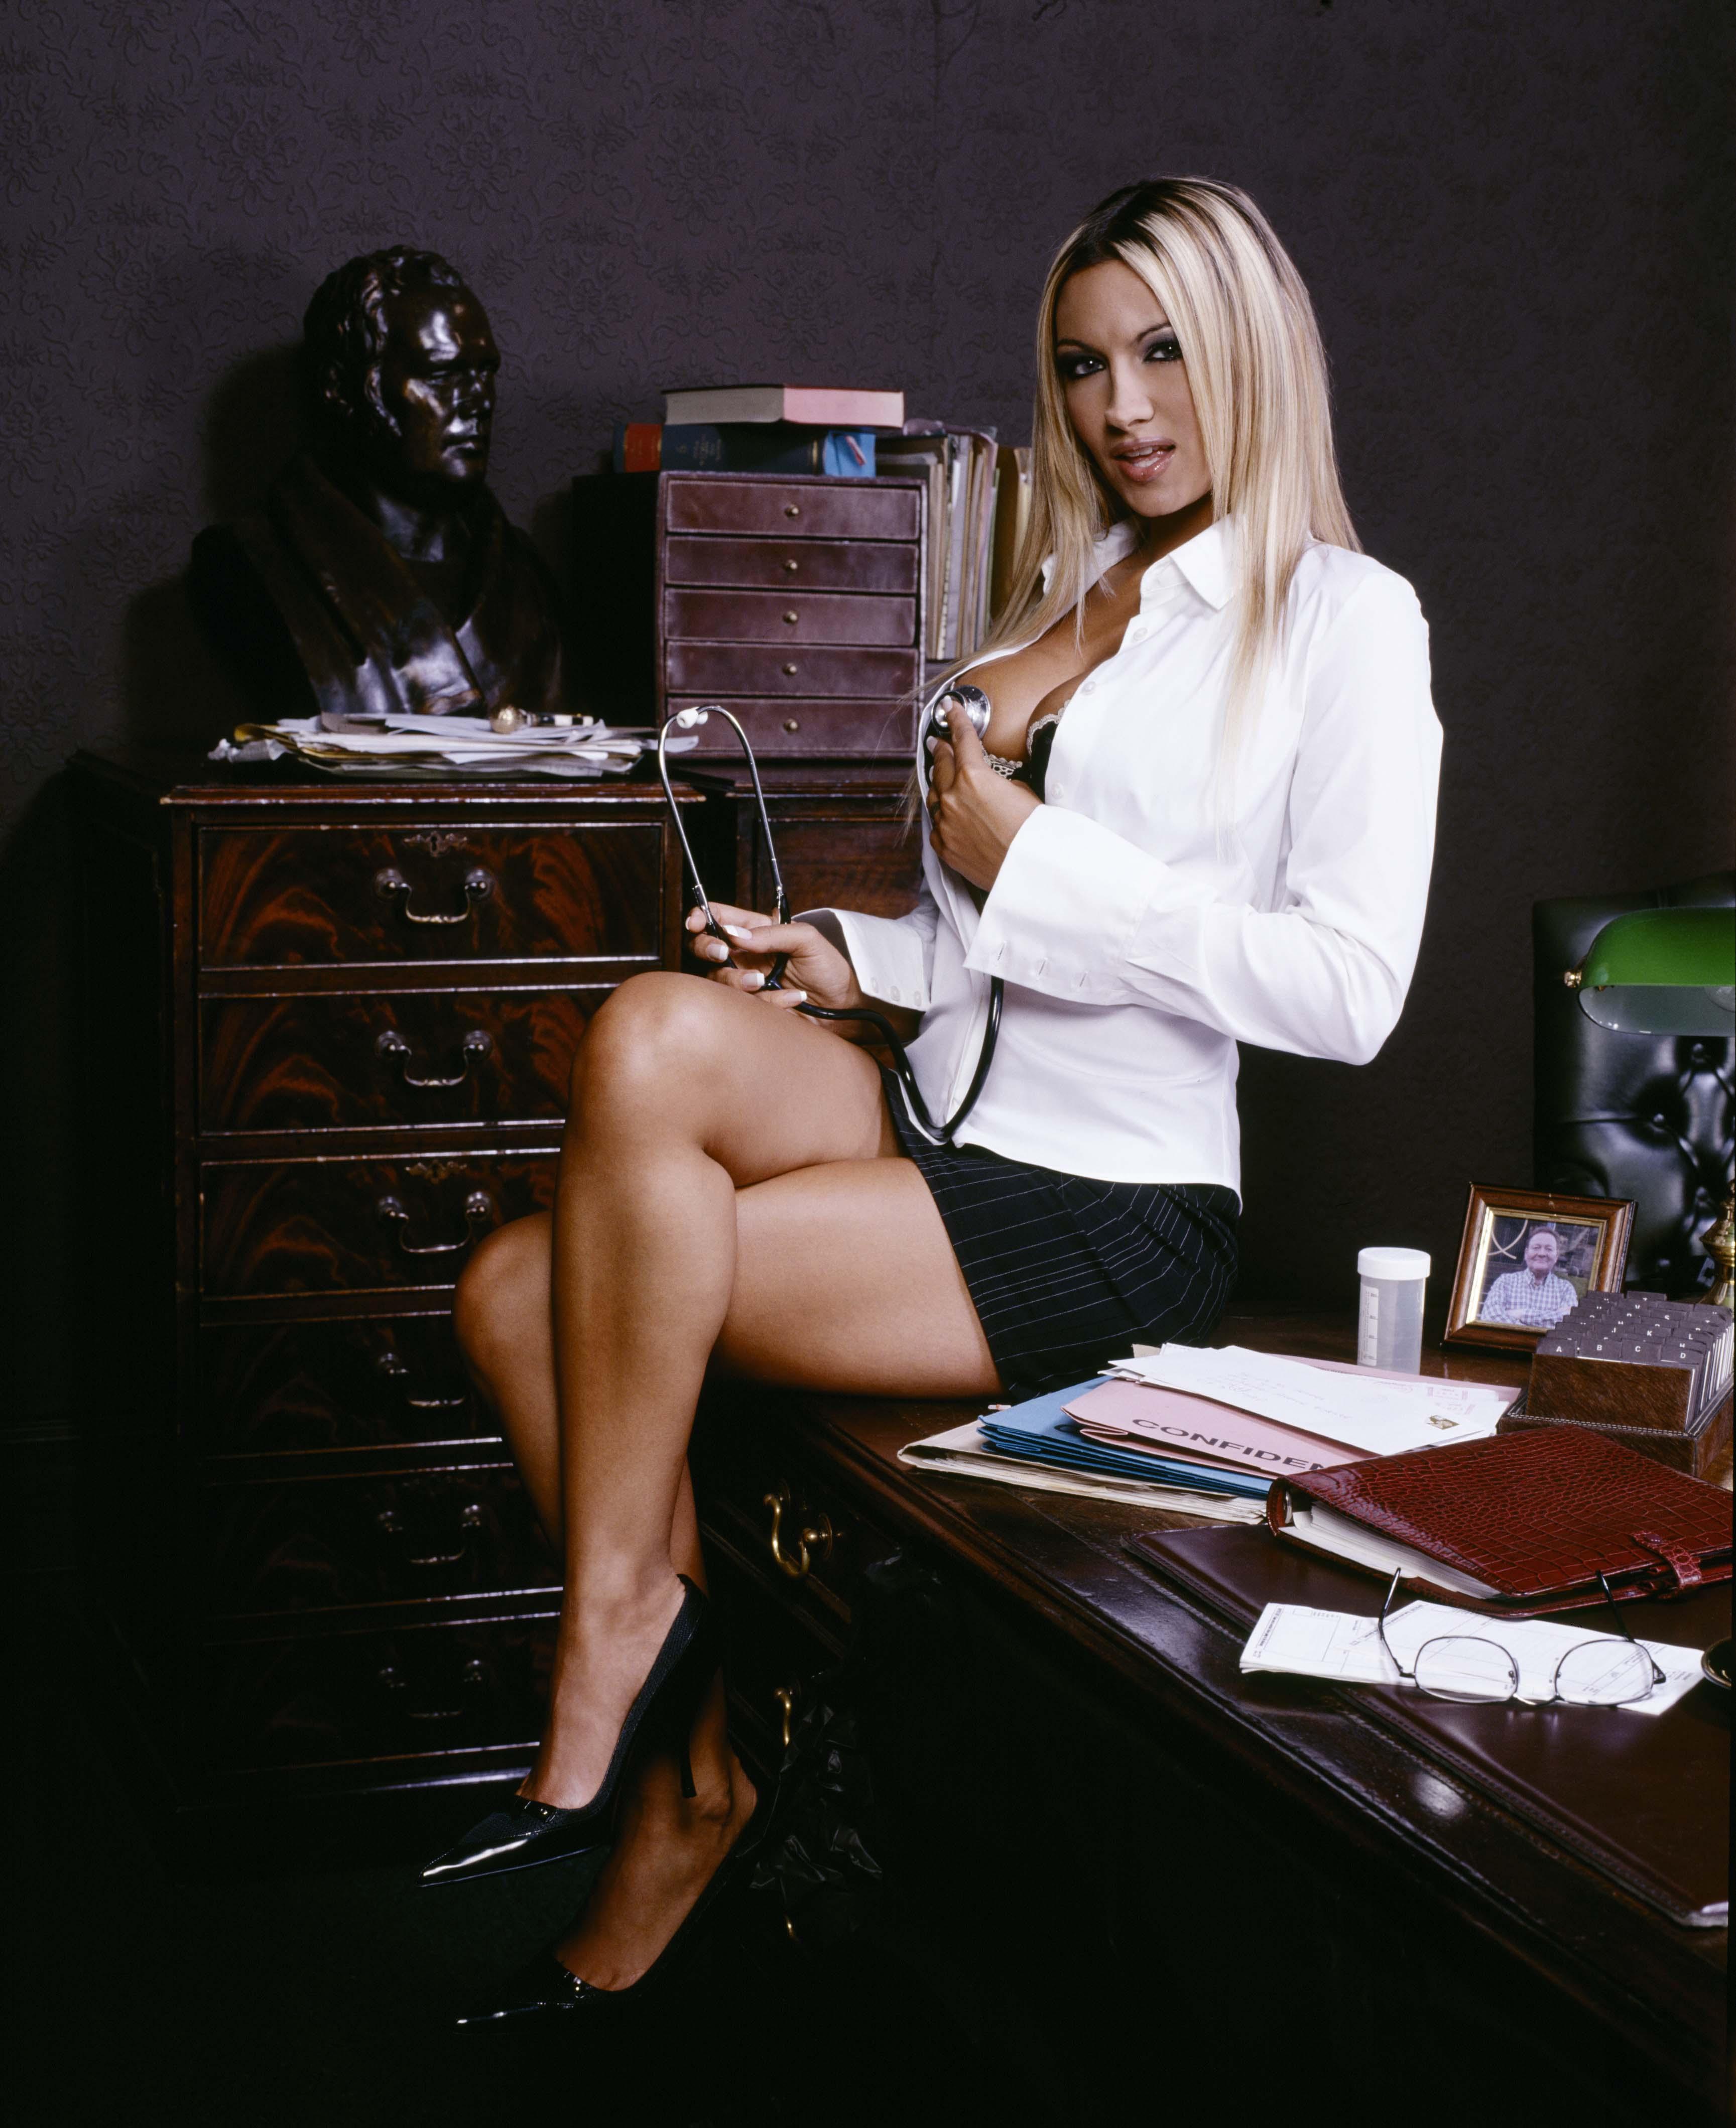 Сексуальная секретарша хороша во всем.